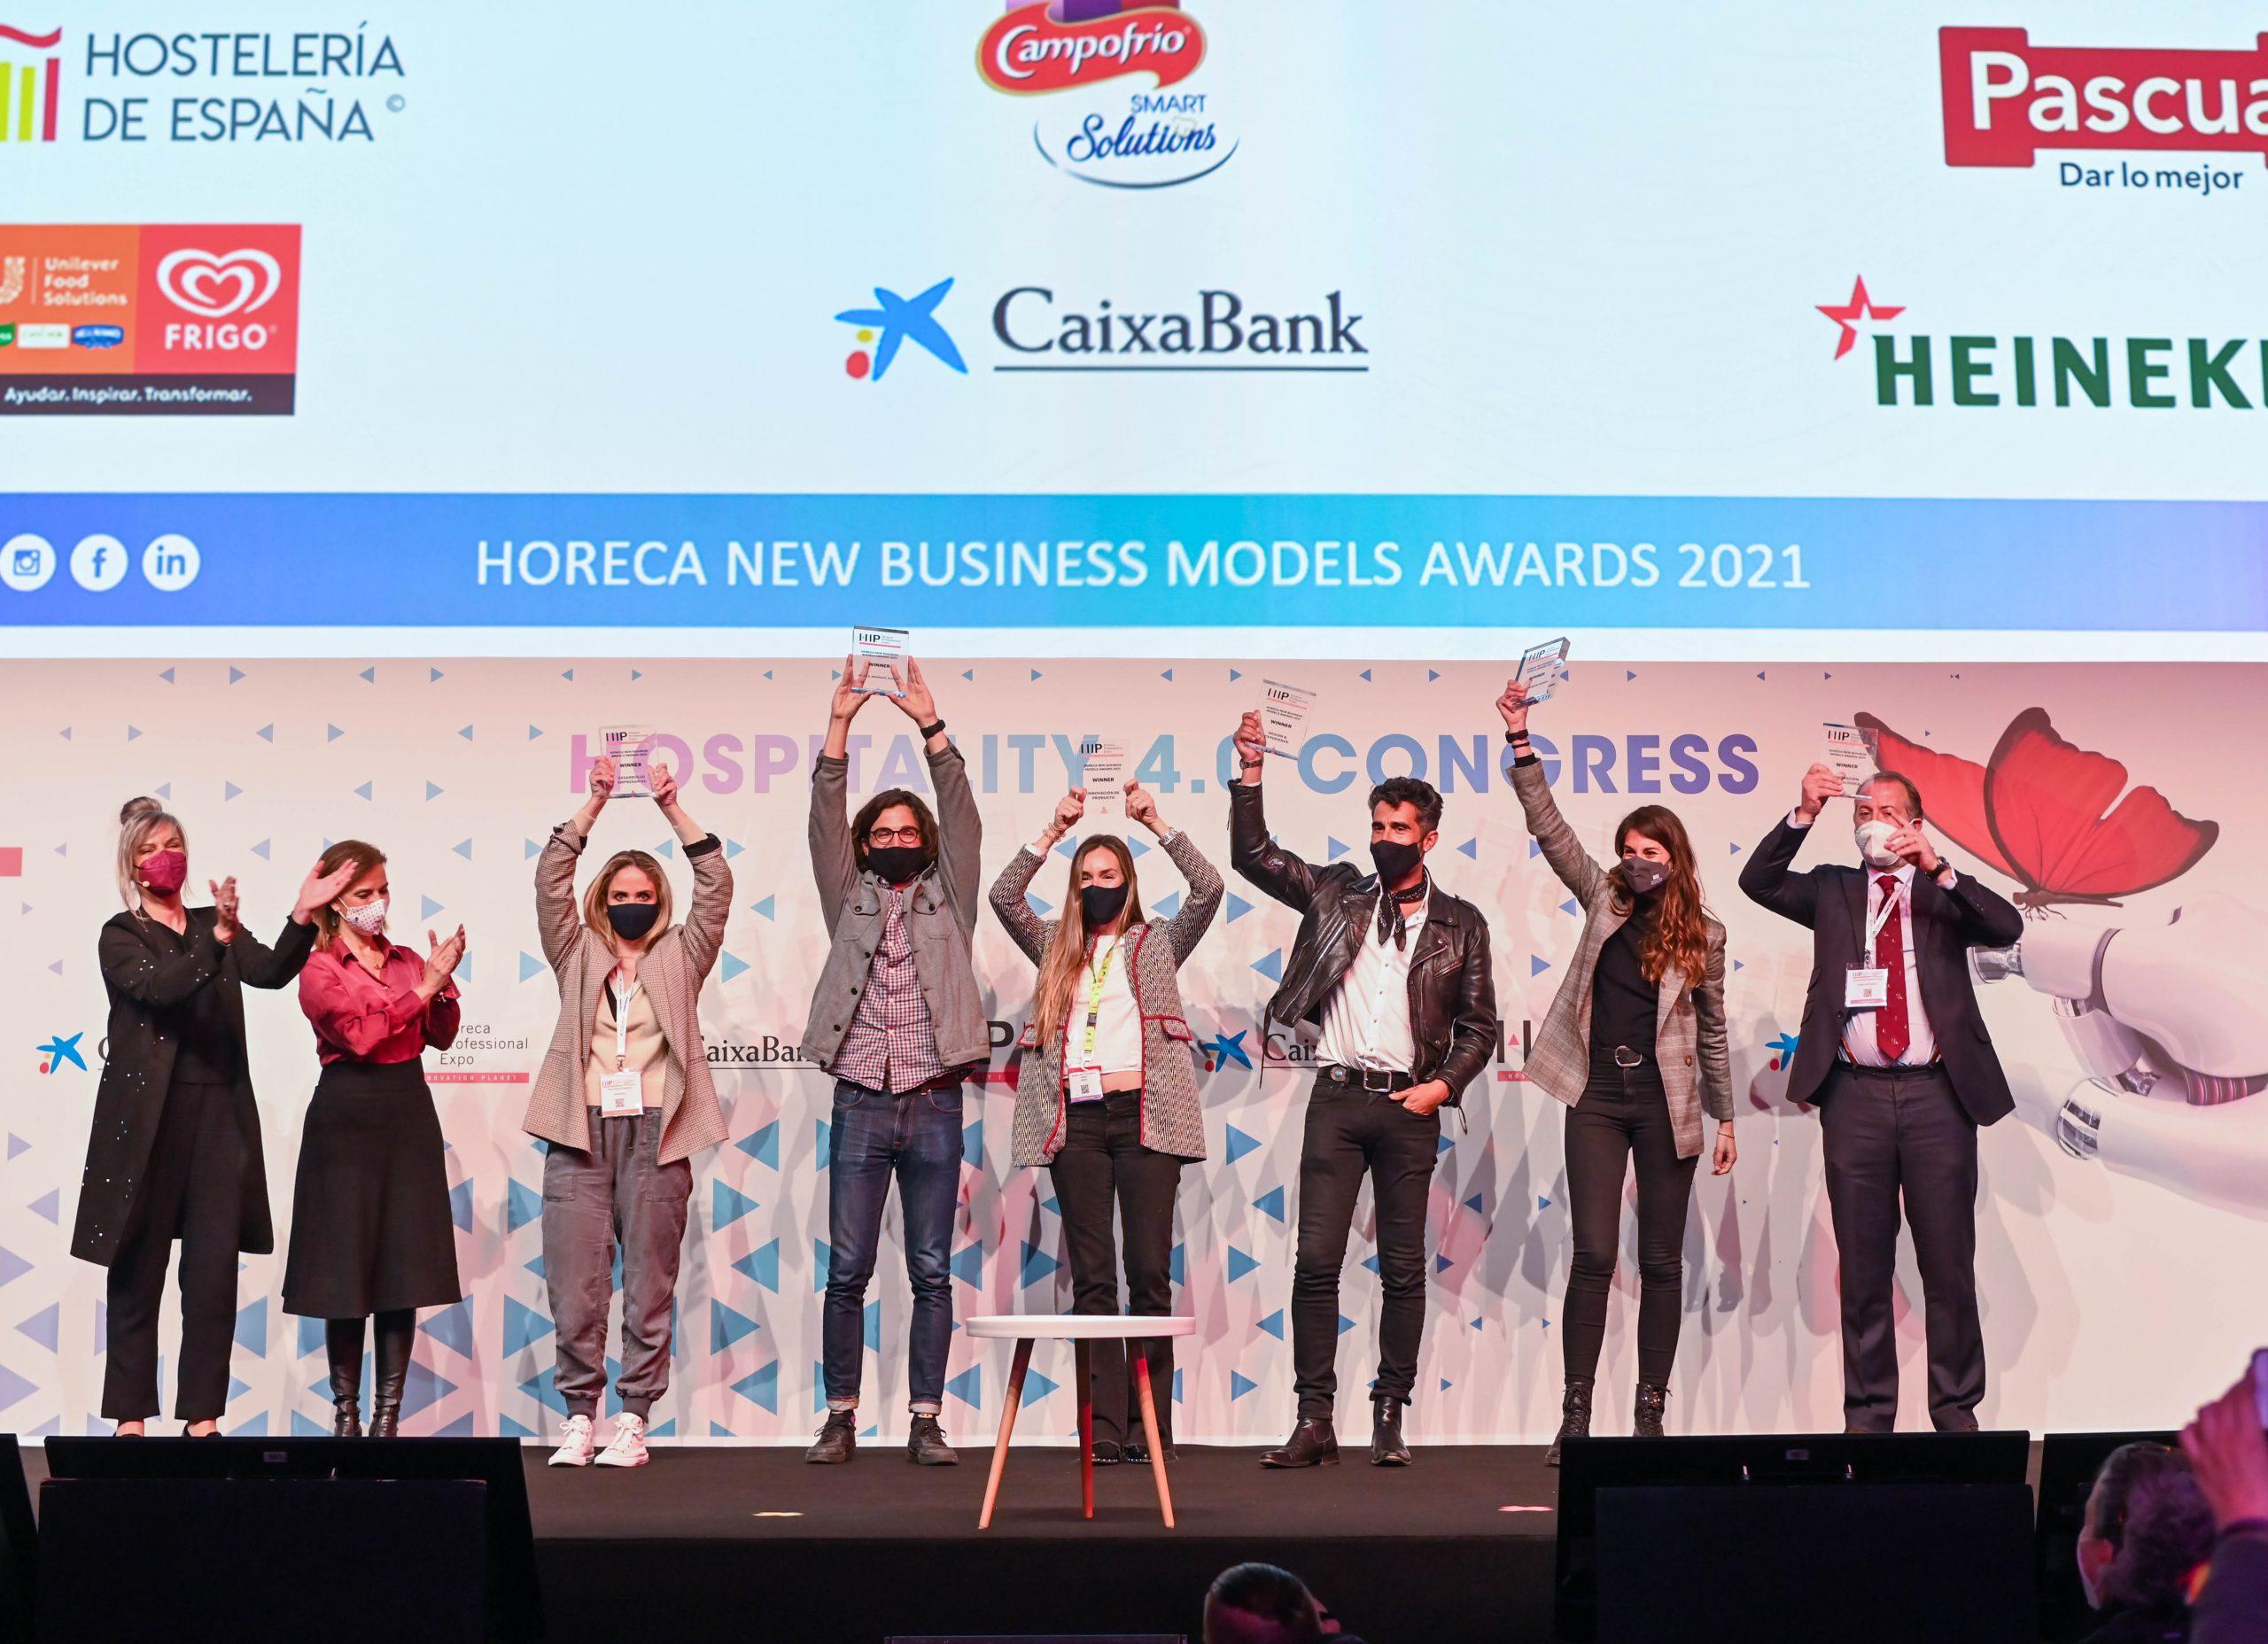 Proteína vegetal, purificadores de aire y hoteles convertidos en coliving, premiados en los Horeca New Business Models Awards 2021